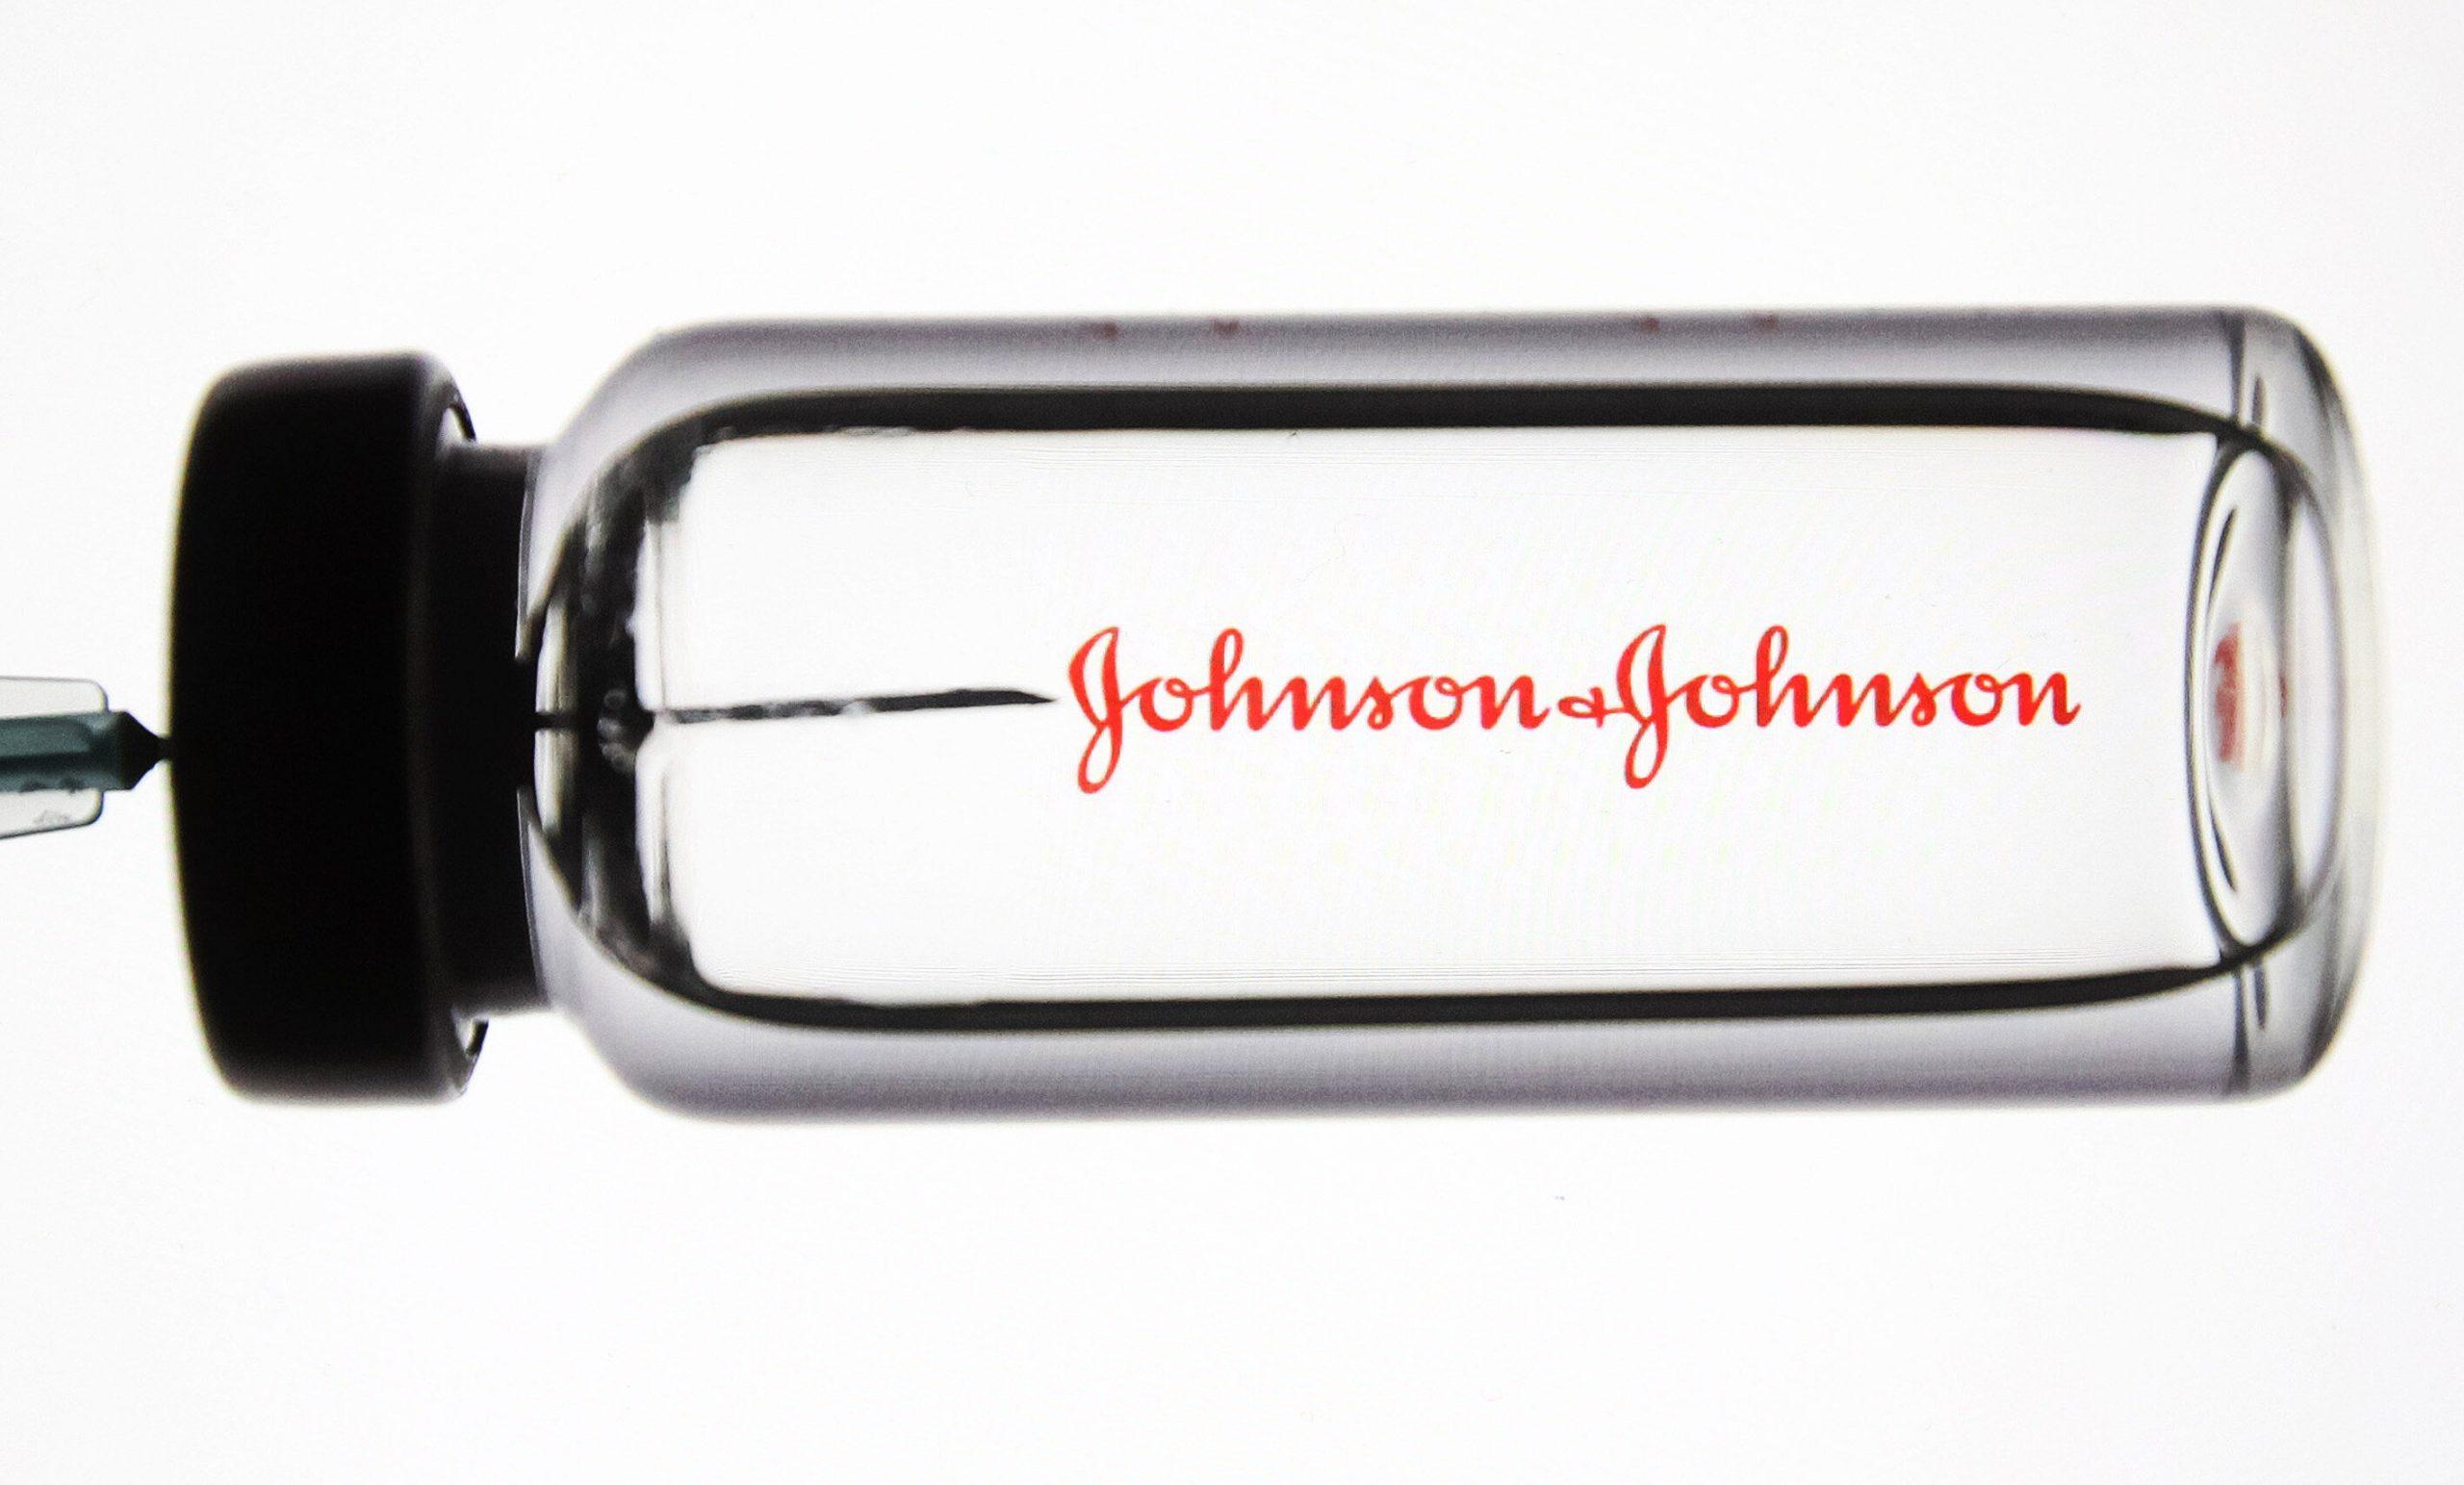 Vaccinul Johnson & Johnson a fost aprobat în SUA. Doză unică, eficiență împotriva variantelor și depozitare la temperaturi normale